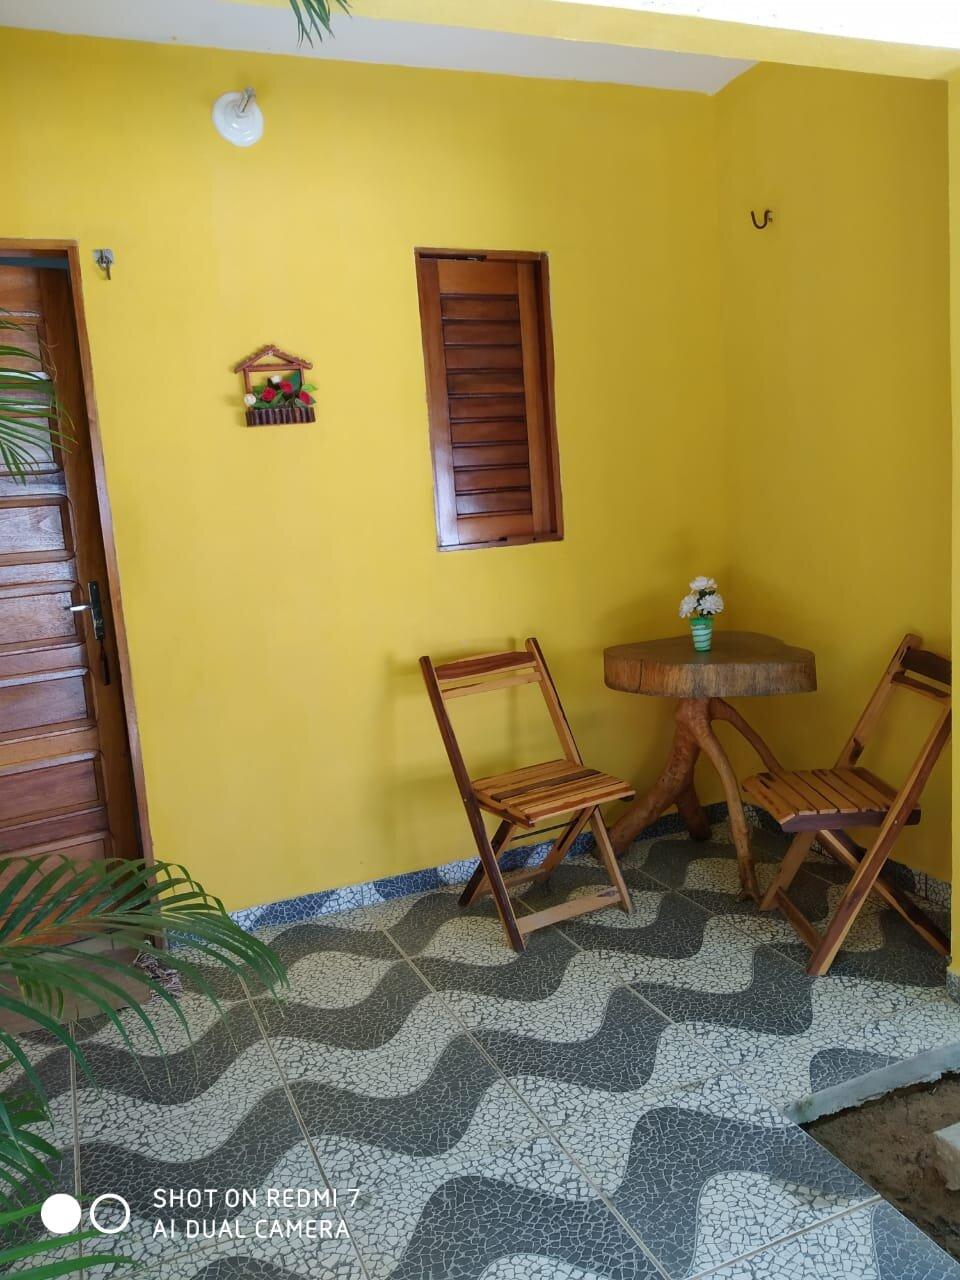 2 Diárias (Check in de Domingo a Quarta) para 2 pessoas e 1 criança de até 05 anos + café da manhã em Suíte Dupla de R$280 por apenas R$237,90